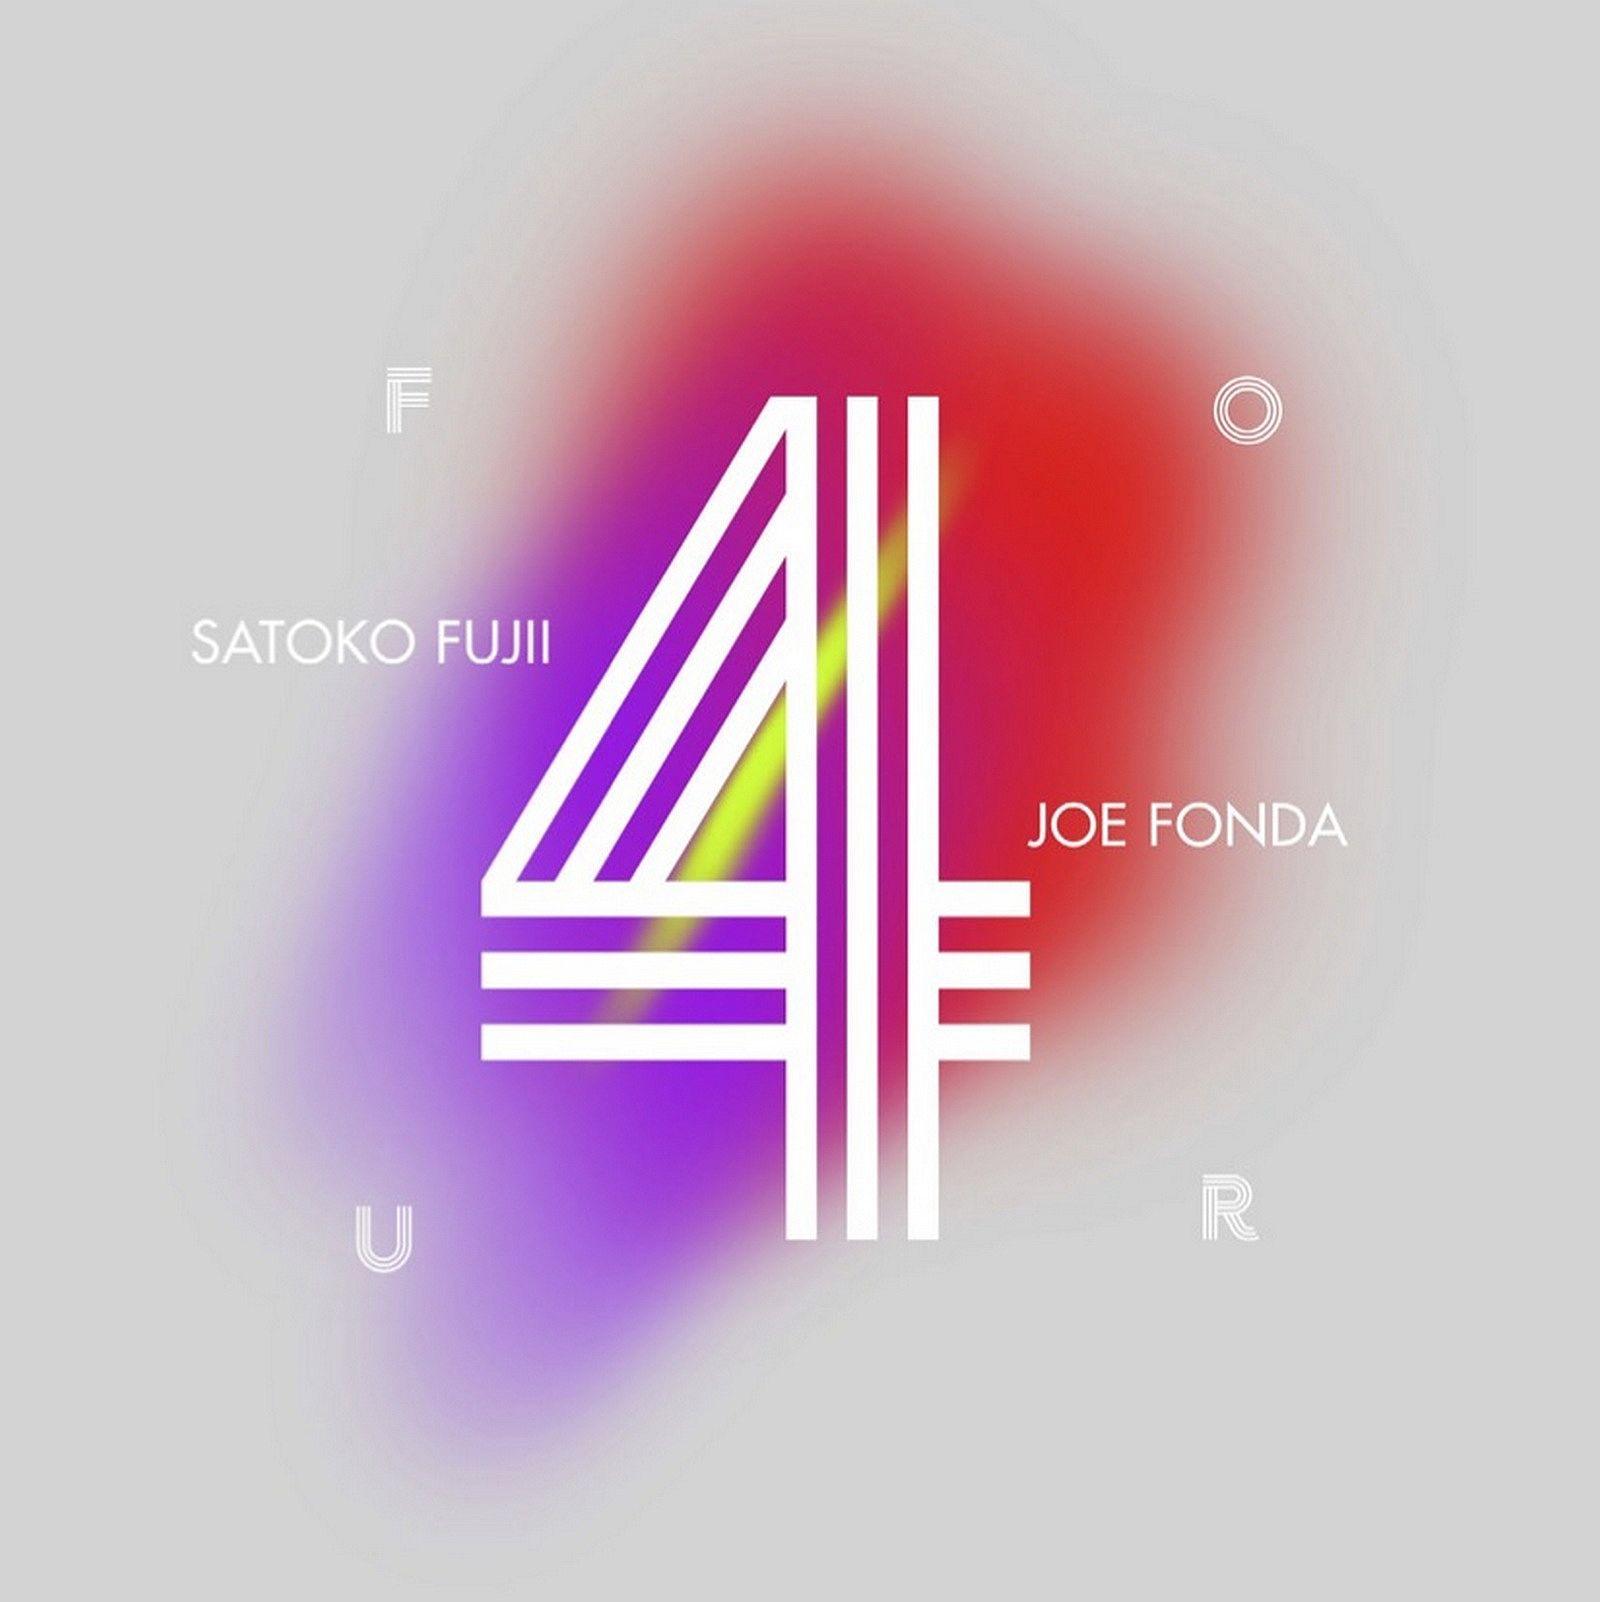 Fujii_Fonda_Four_CD_Cover